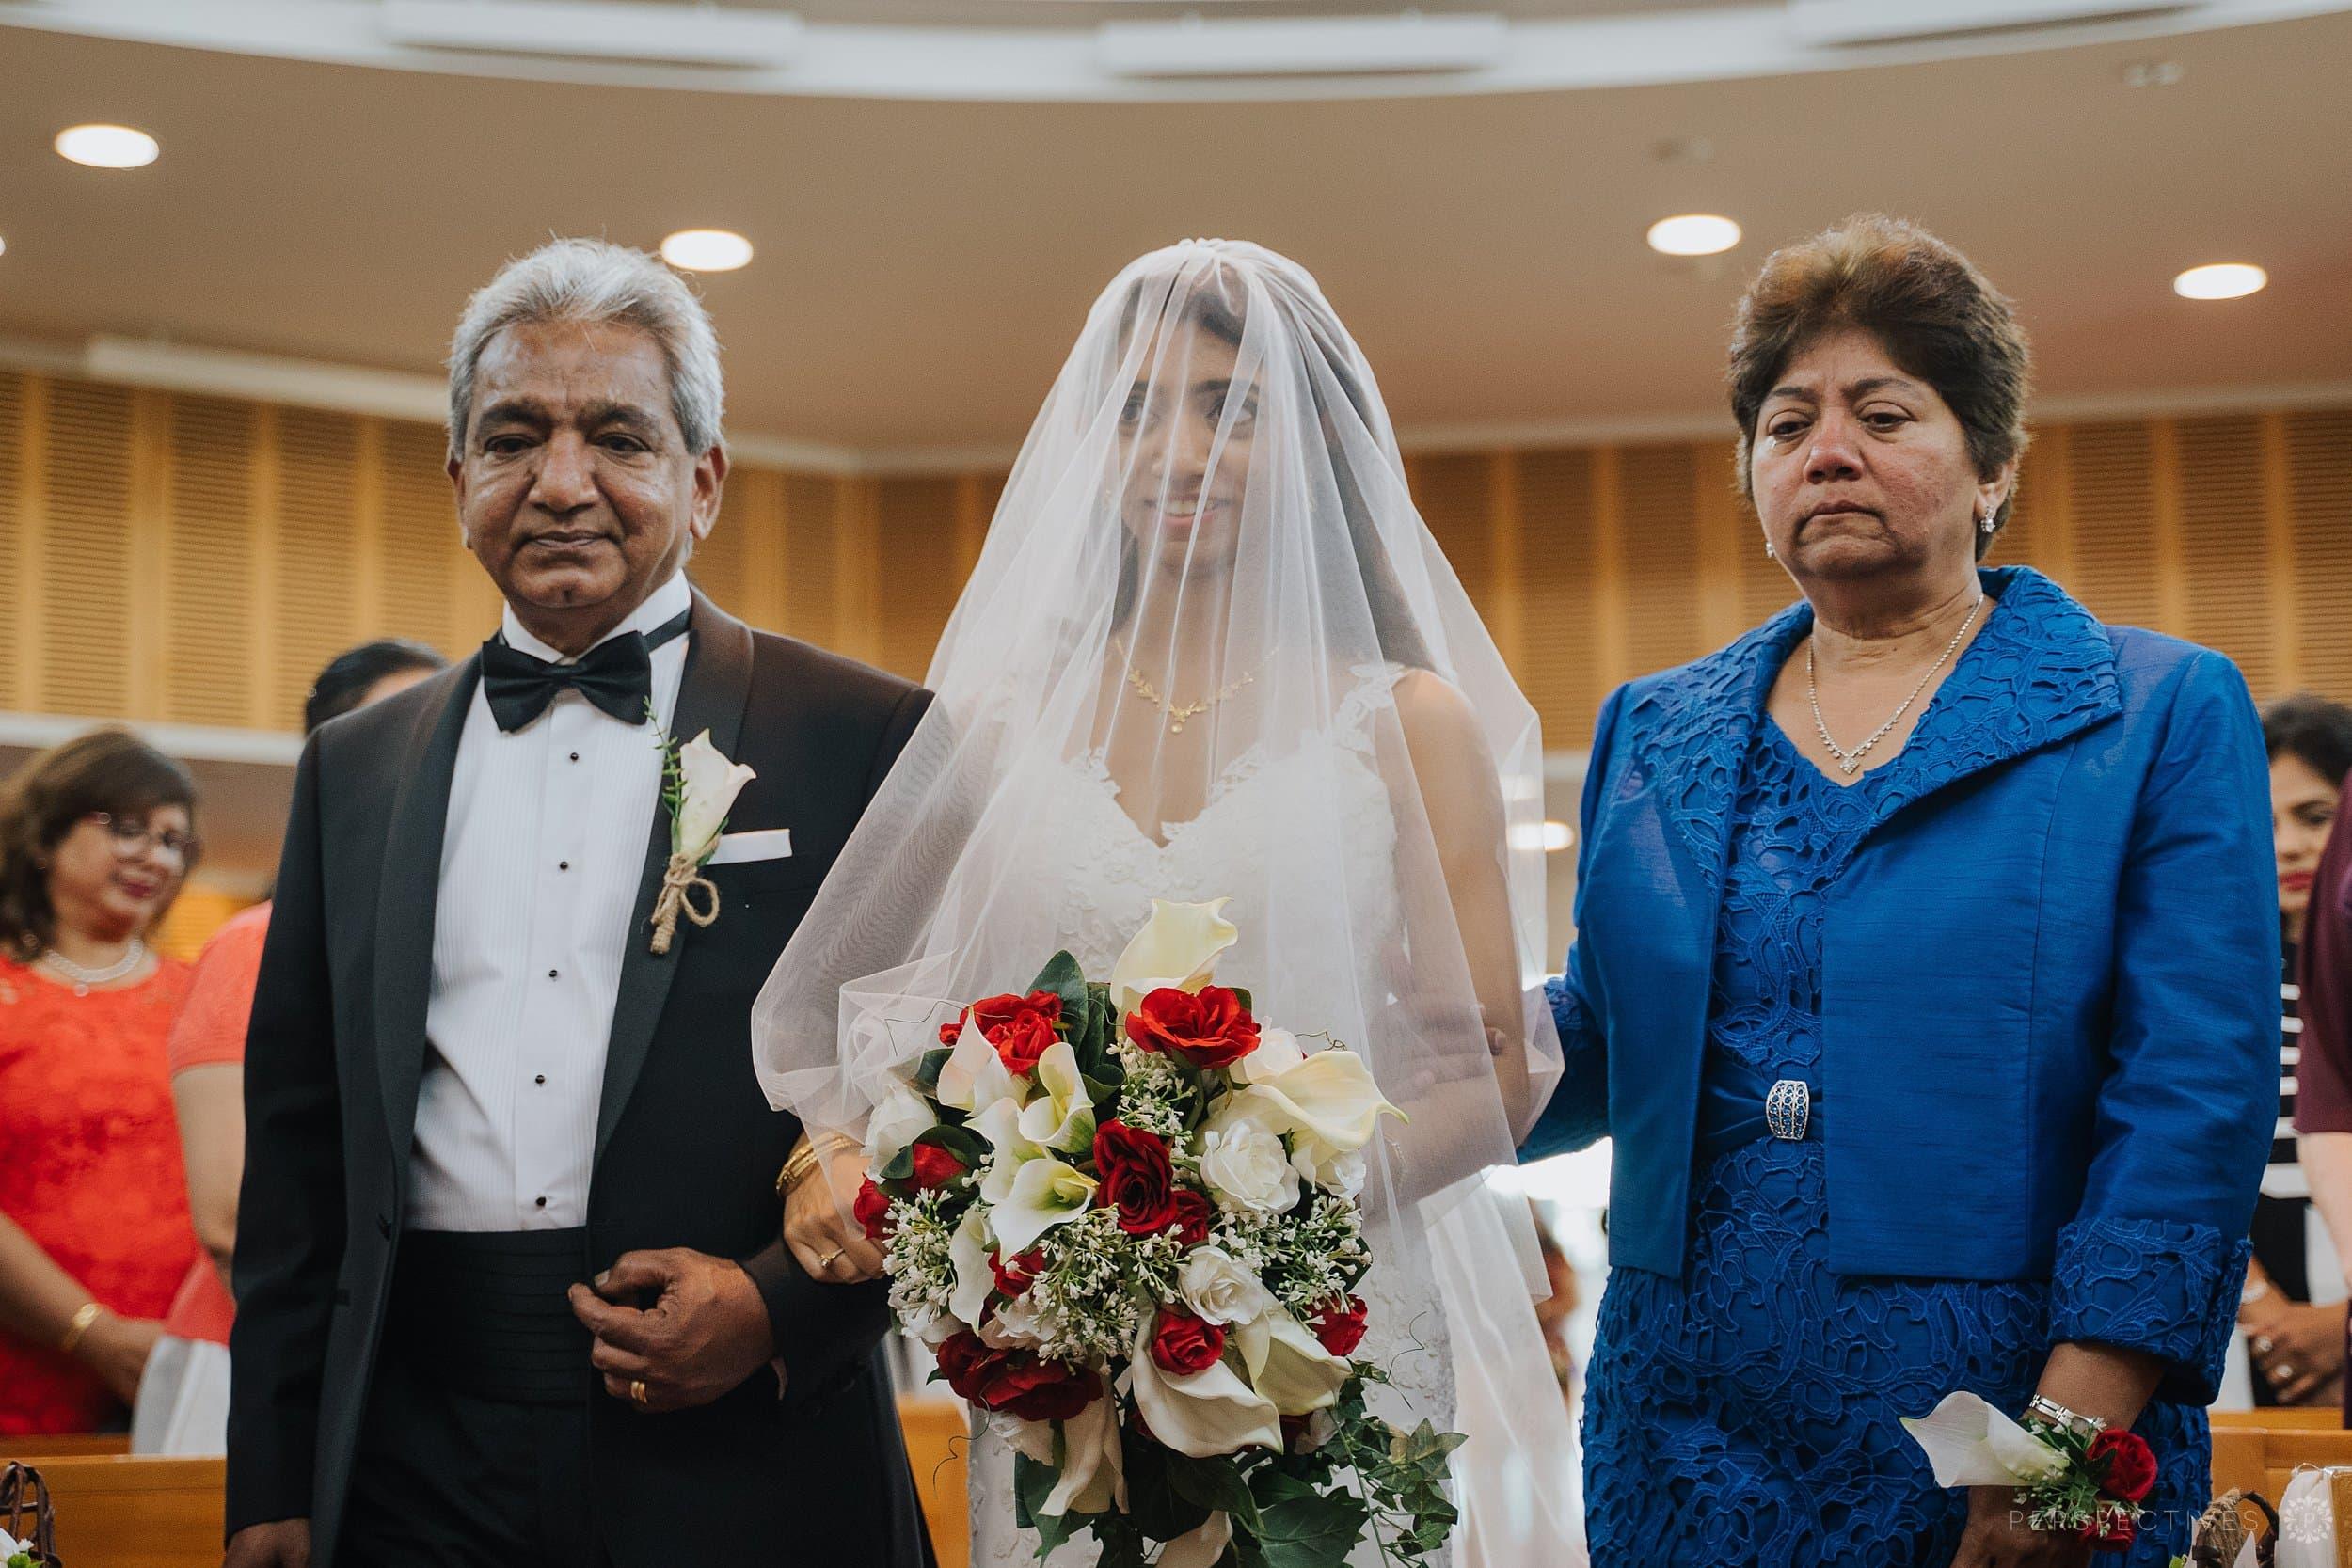 Catholic wedding Auckland wedding photos